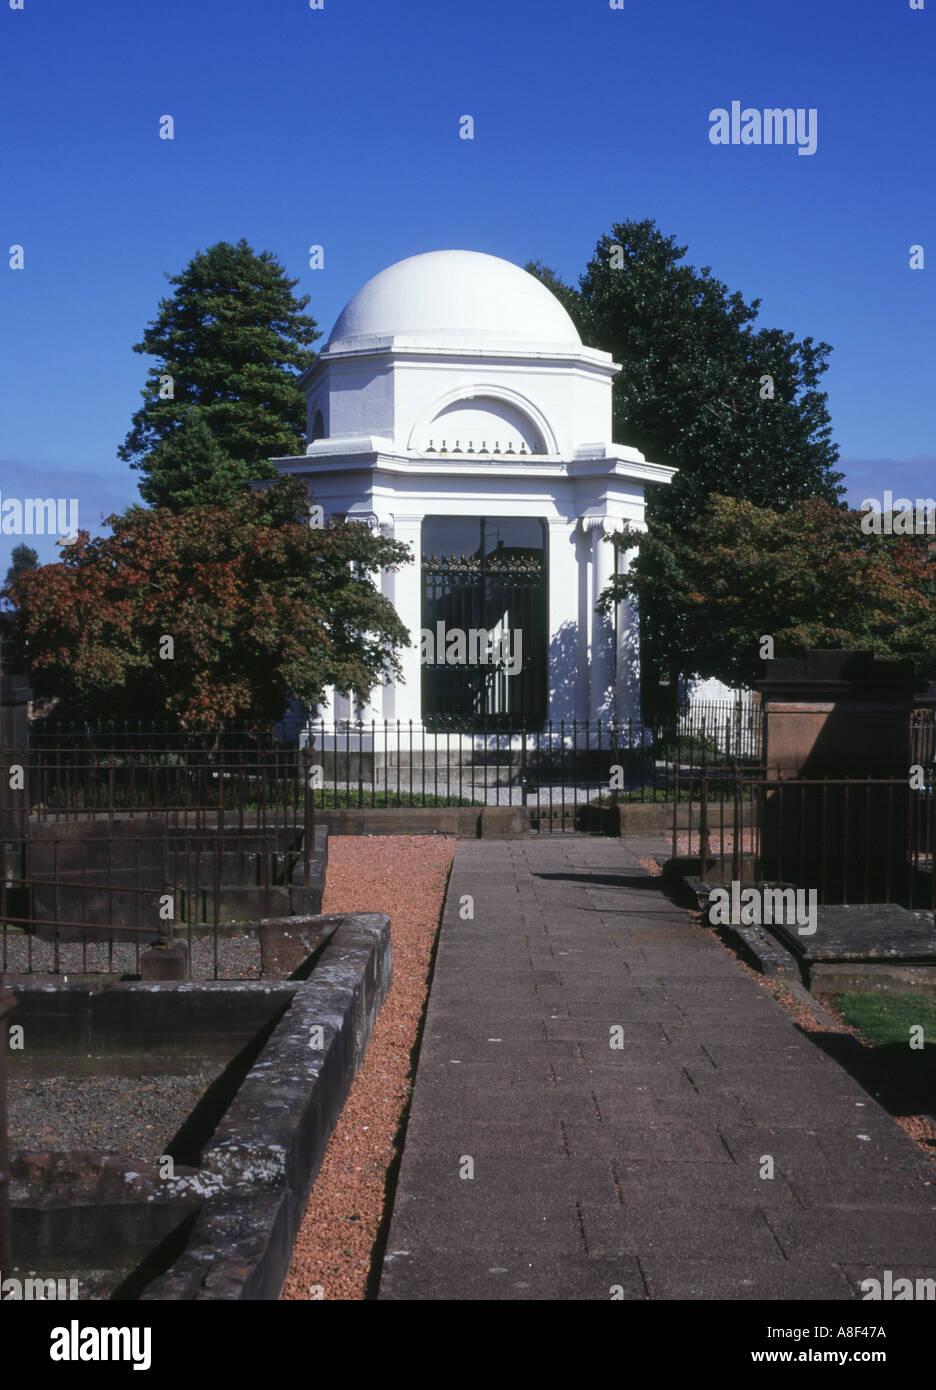 Dh St Michaels et l'église DUMFRIES GALLOWAY Poètes Robert Burns mausolée néoclassique cimetière cimetière Banque D'Images